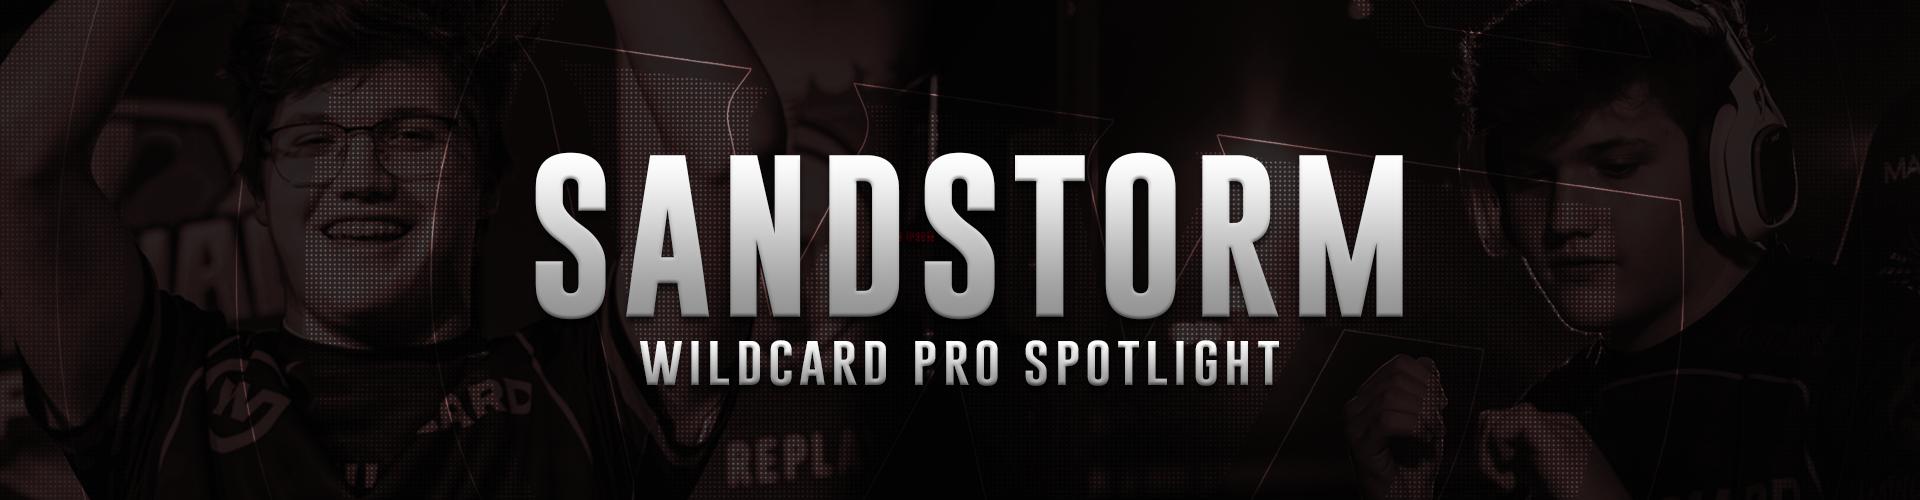 Pro Spotlight: Sandstorm